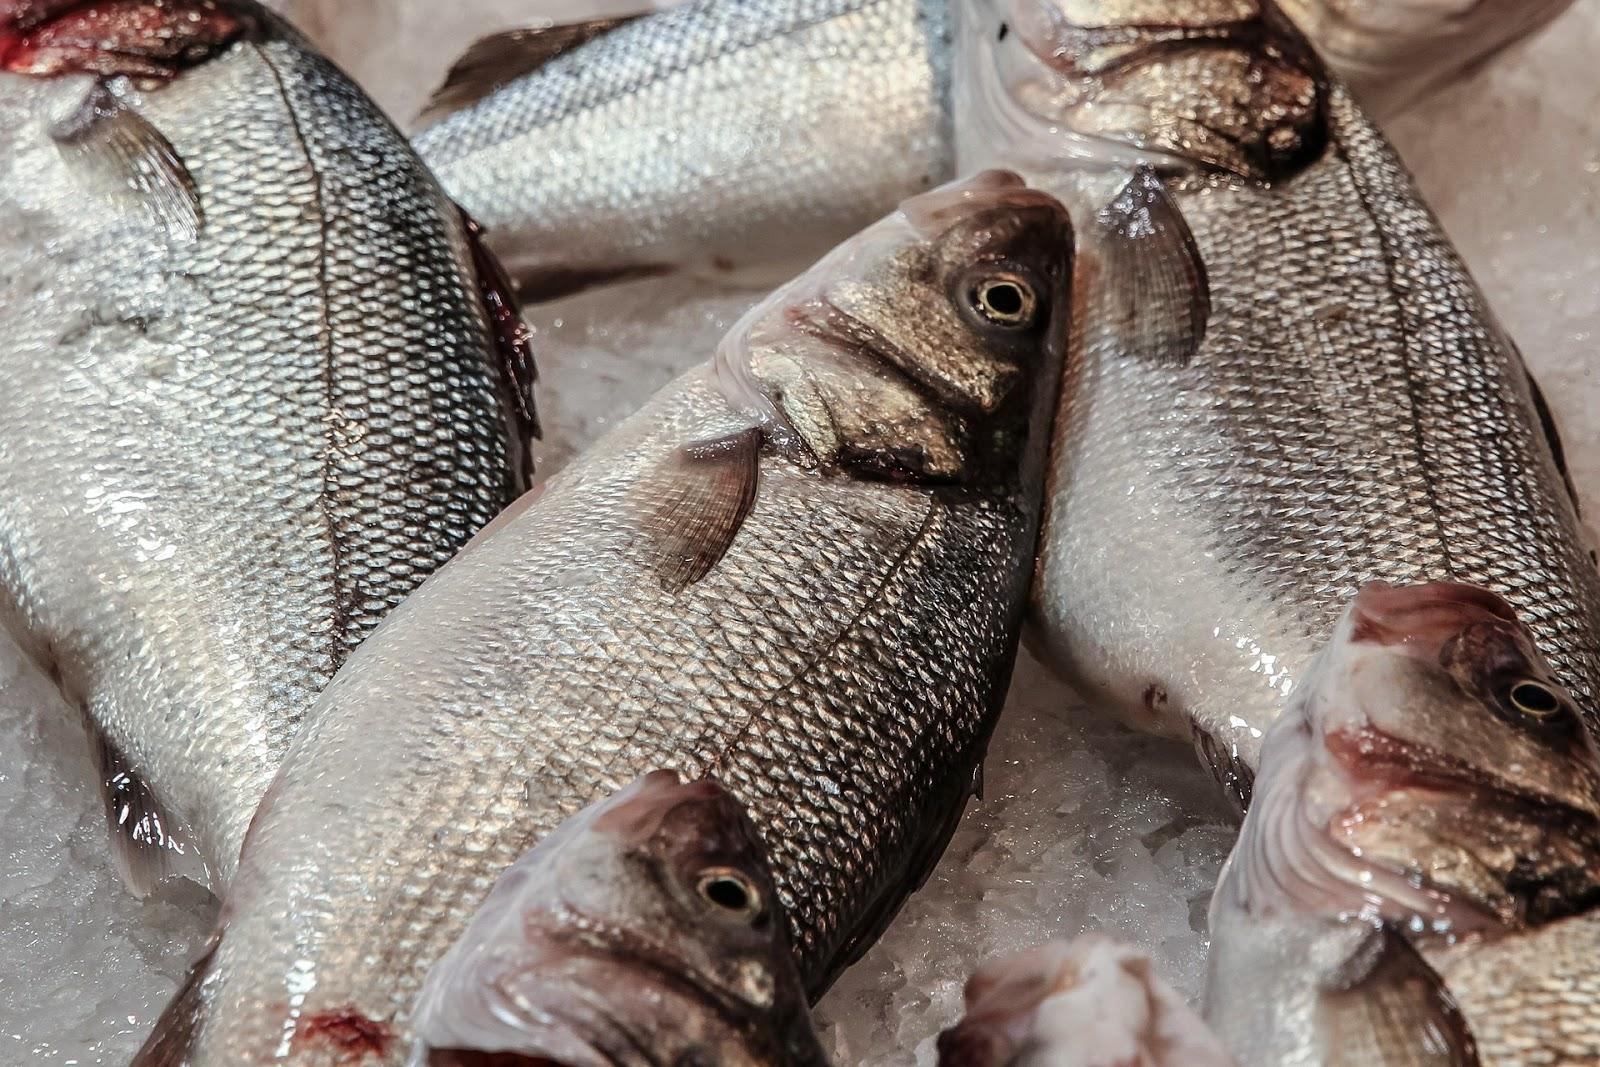 Πώς ξεχωρίζουμε τα φρέσκα από τα μπαγιάτικα ψάρια;